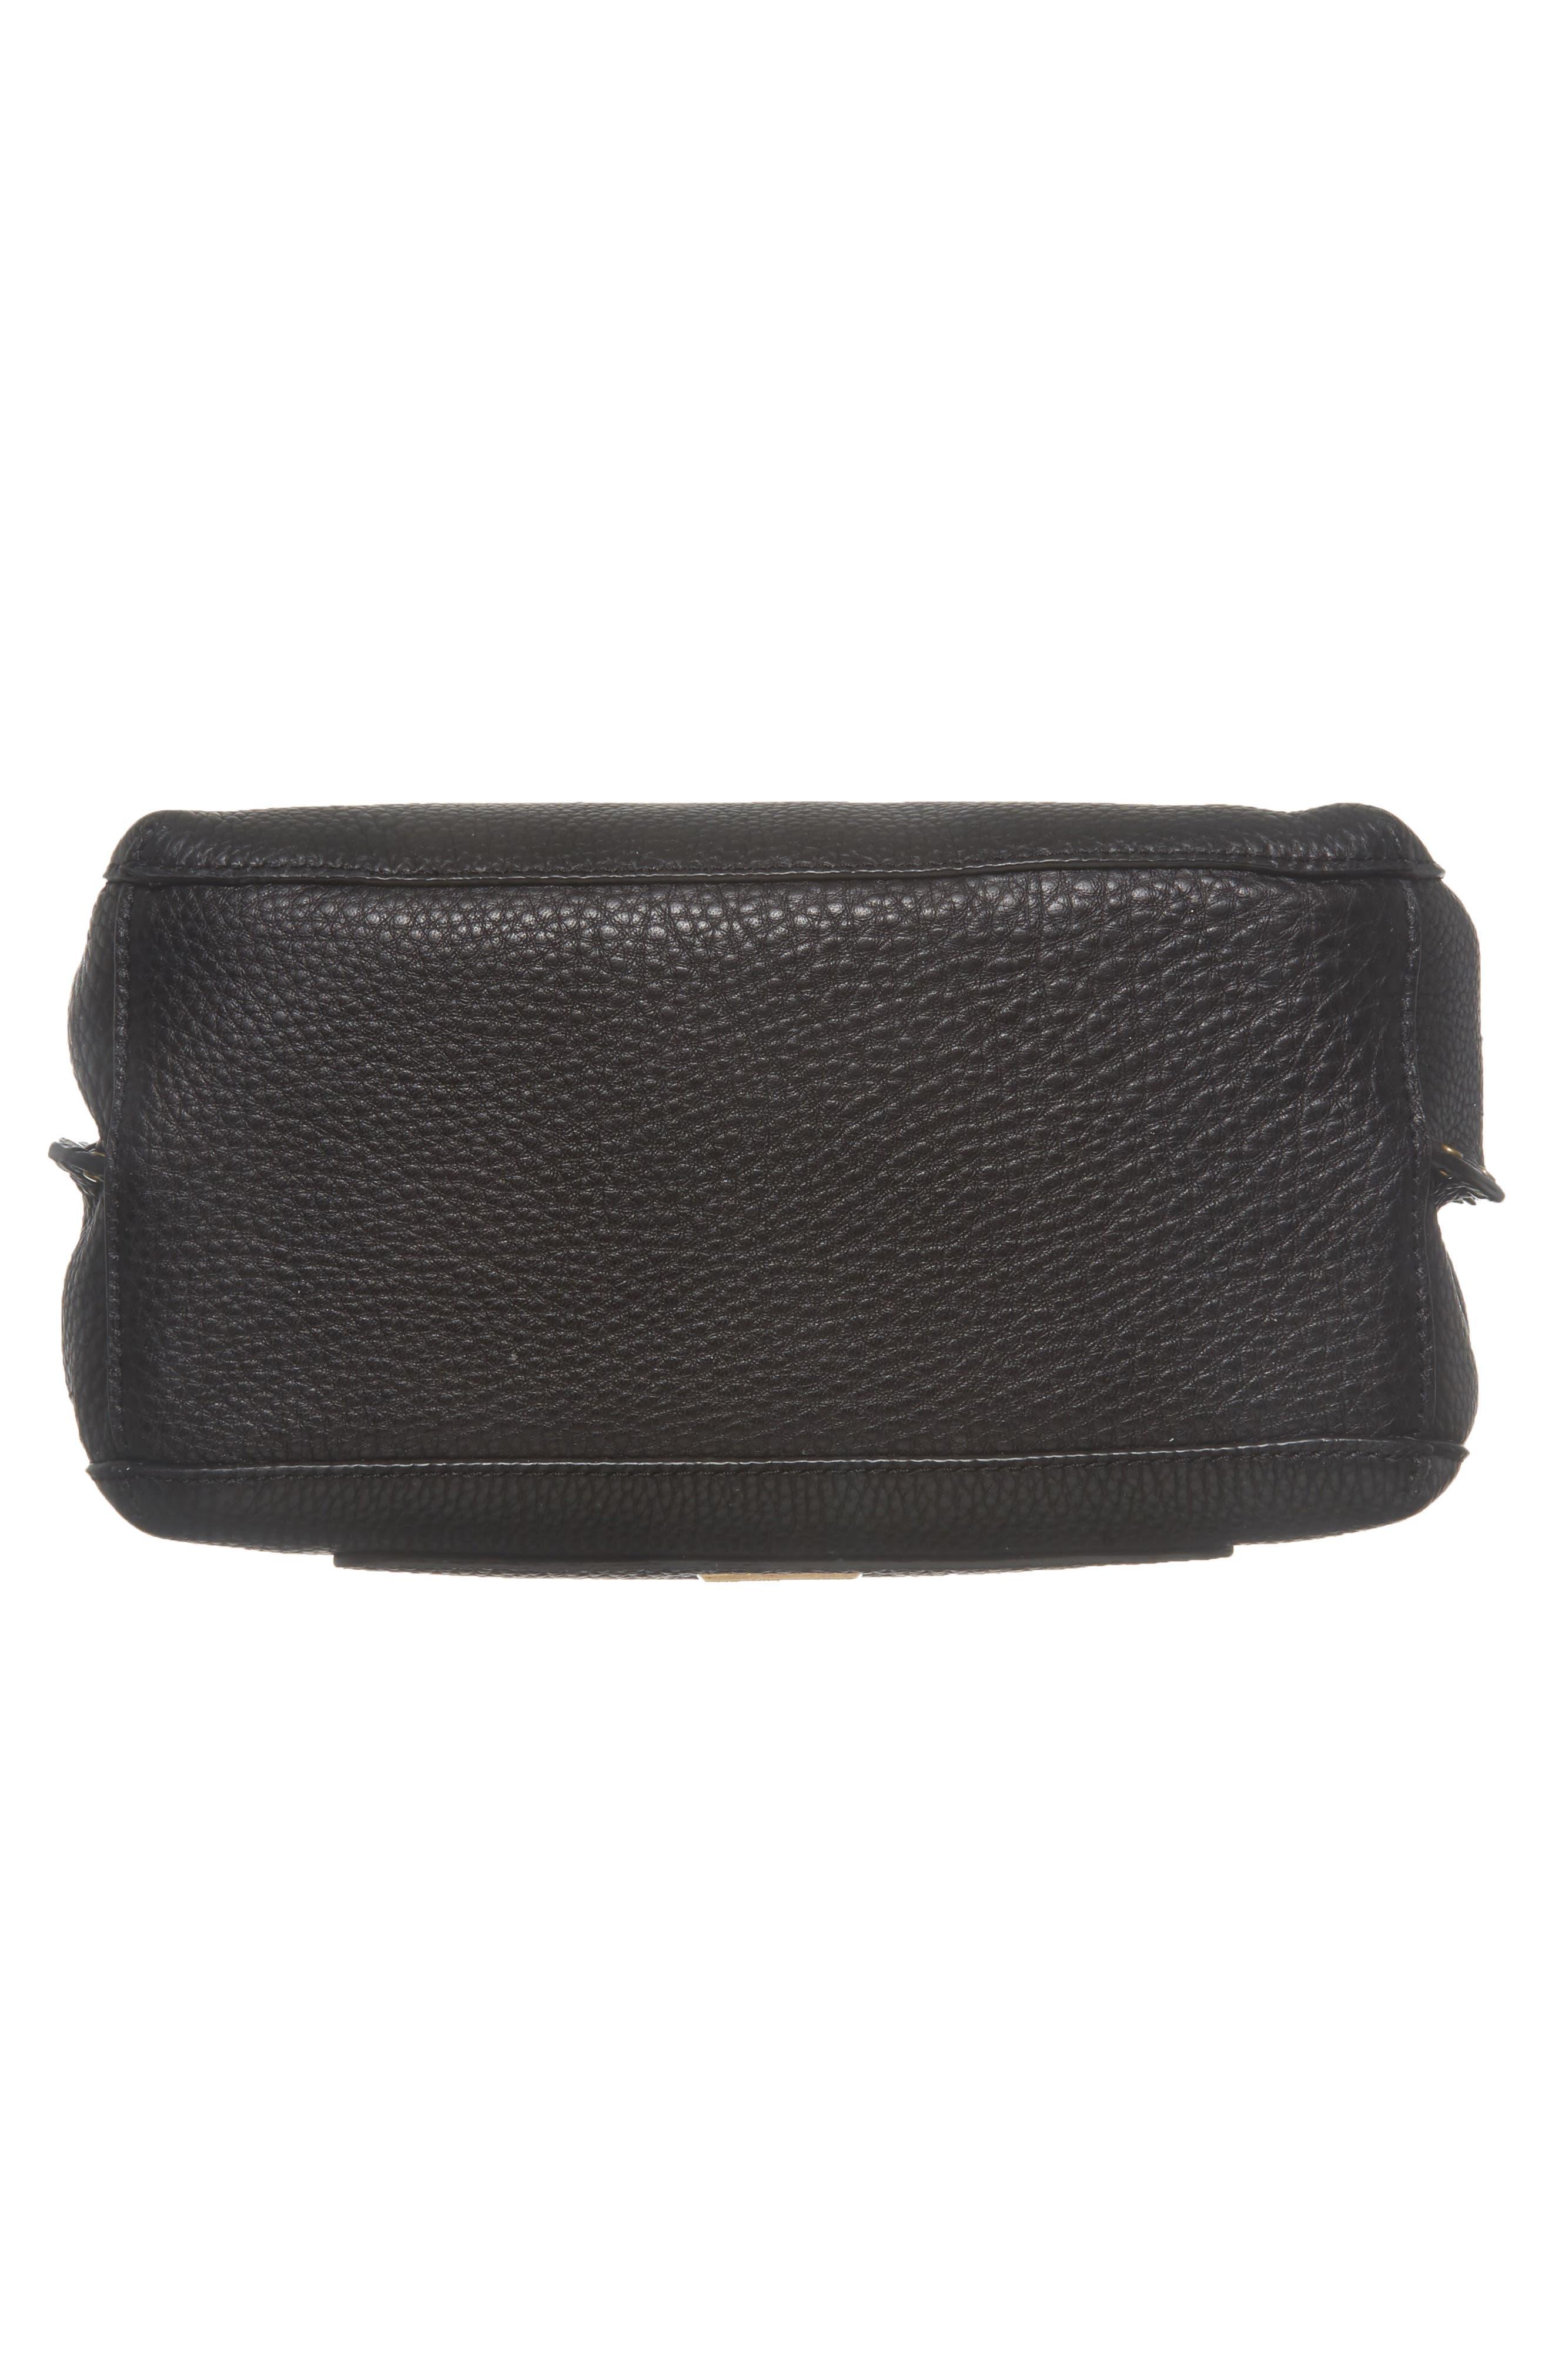 Darren Deerskin Leather Shoulder Bag,                             Alternate thumbnail 6, color,                             Black